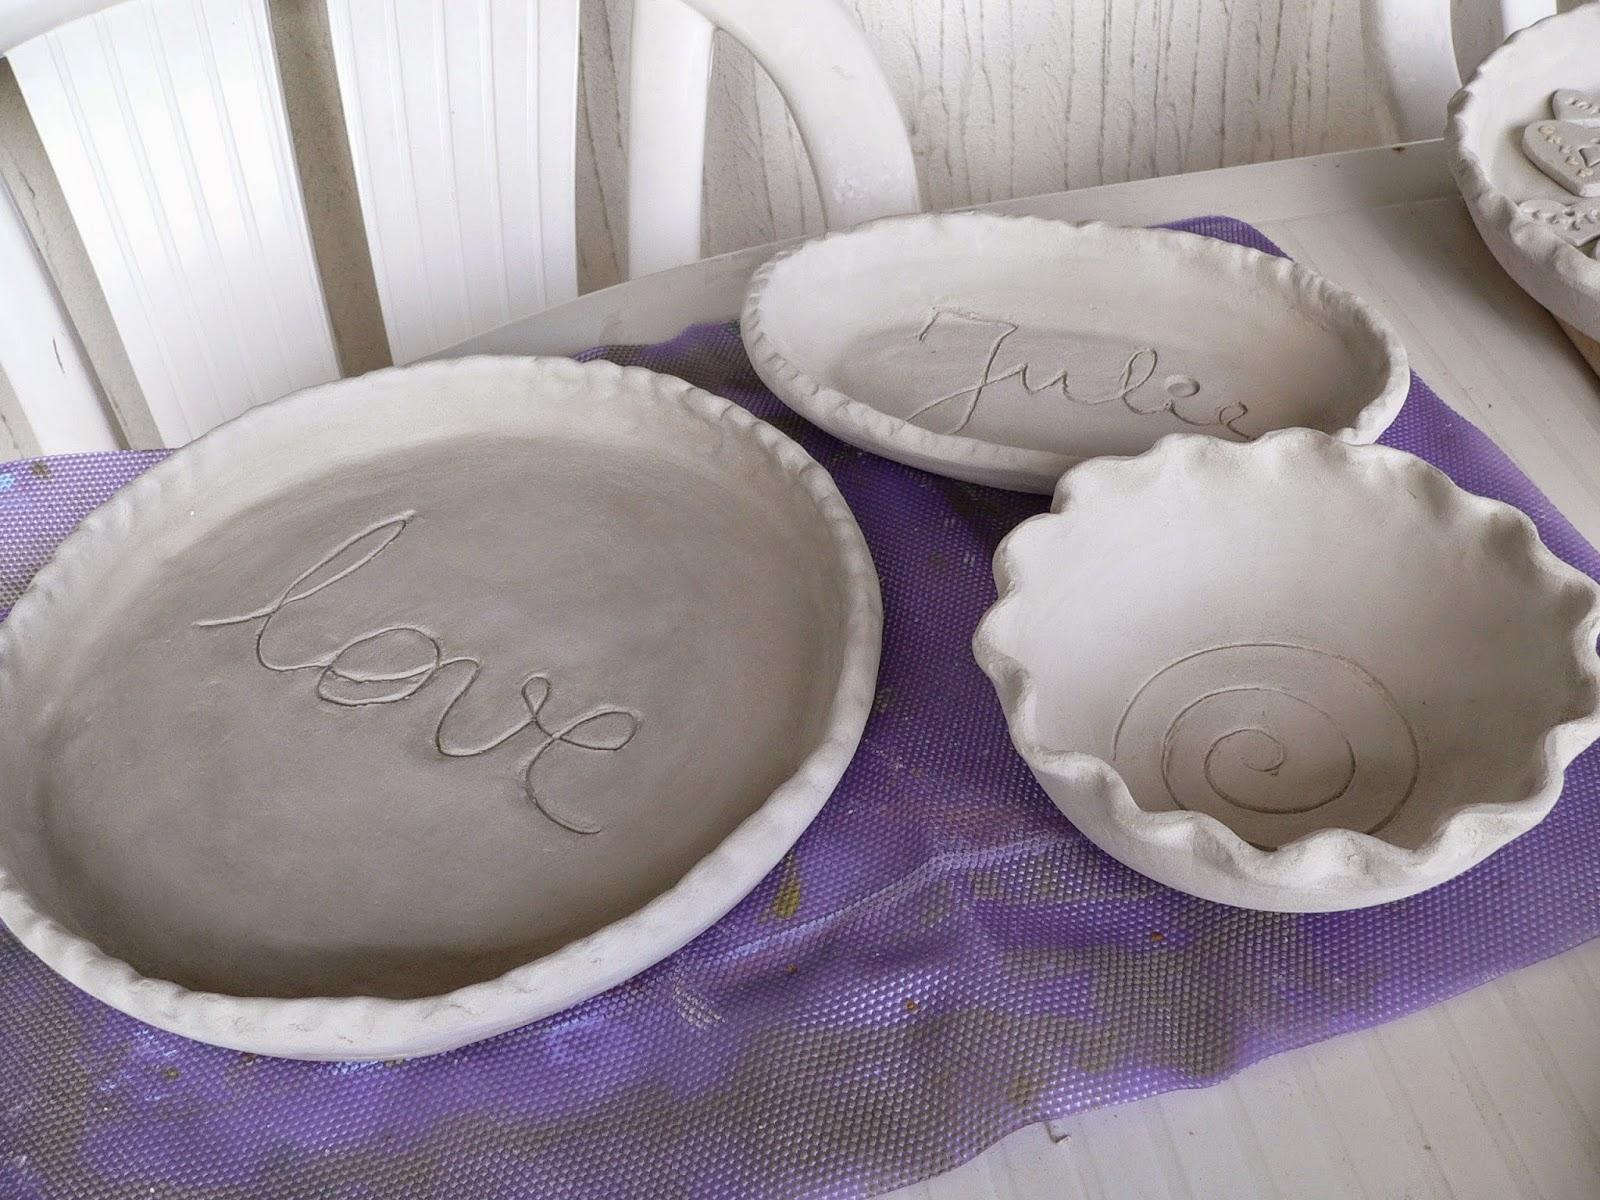 Atelier de poterie de stgenis - Modele poterie pour debutant ...